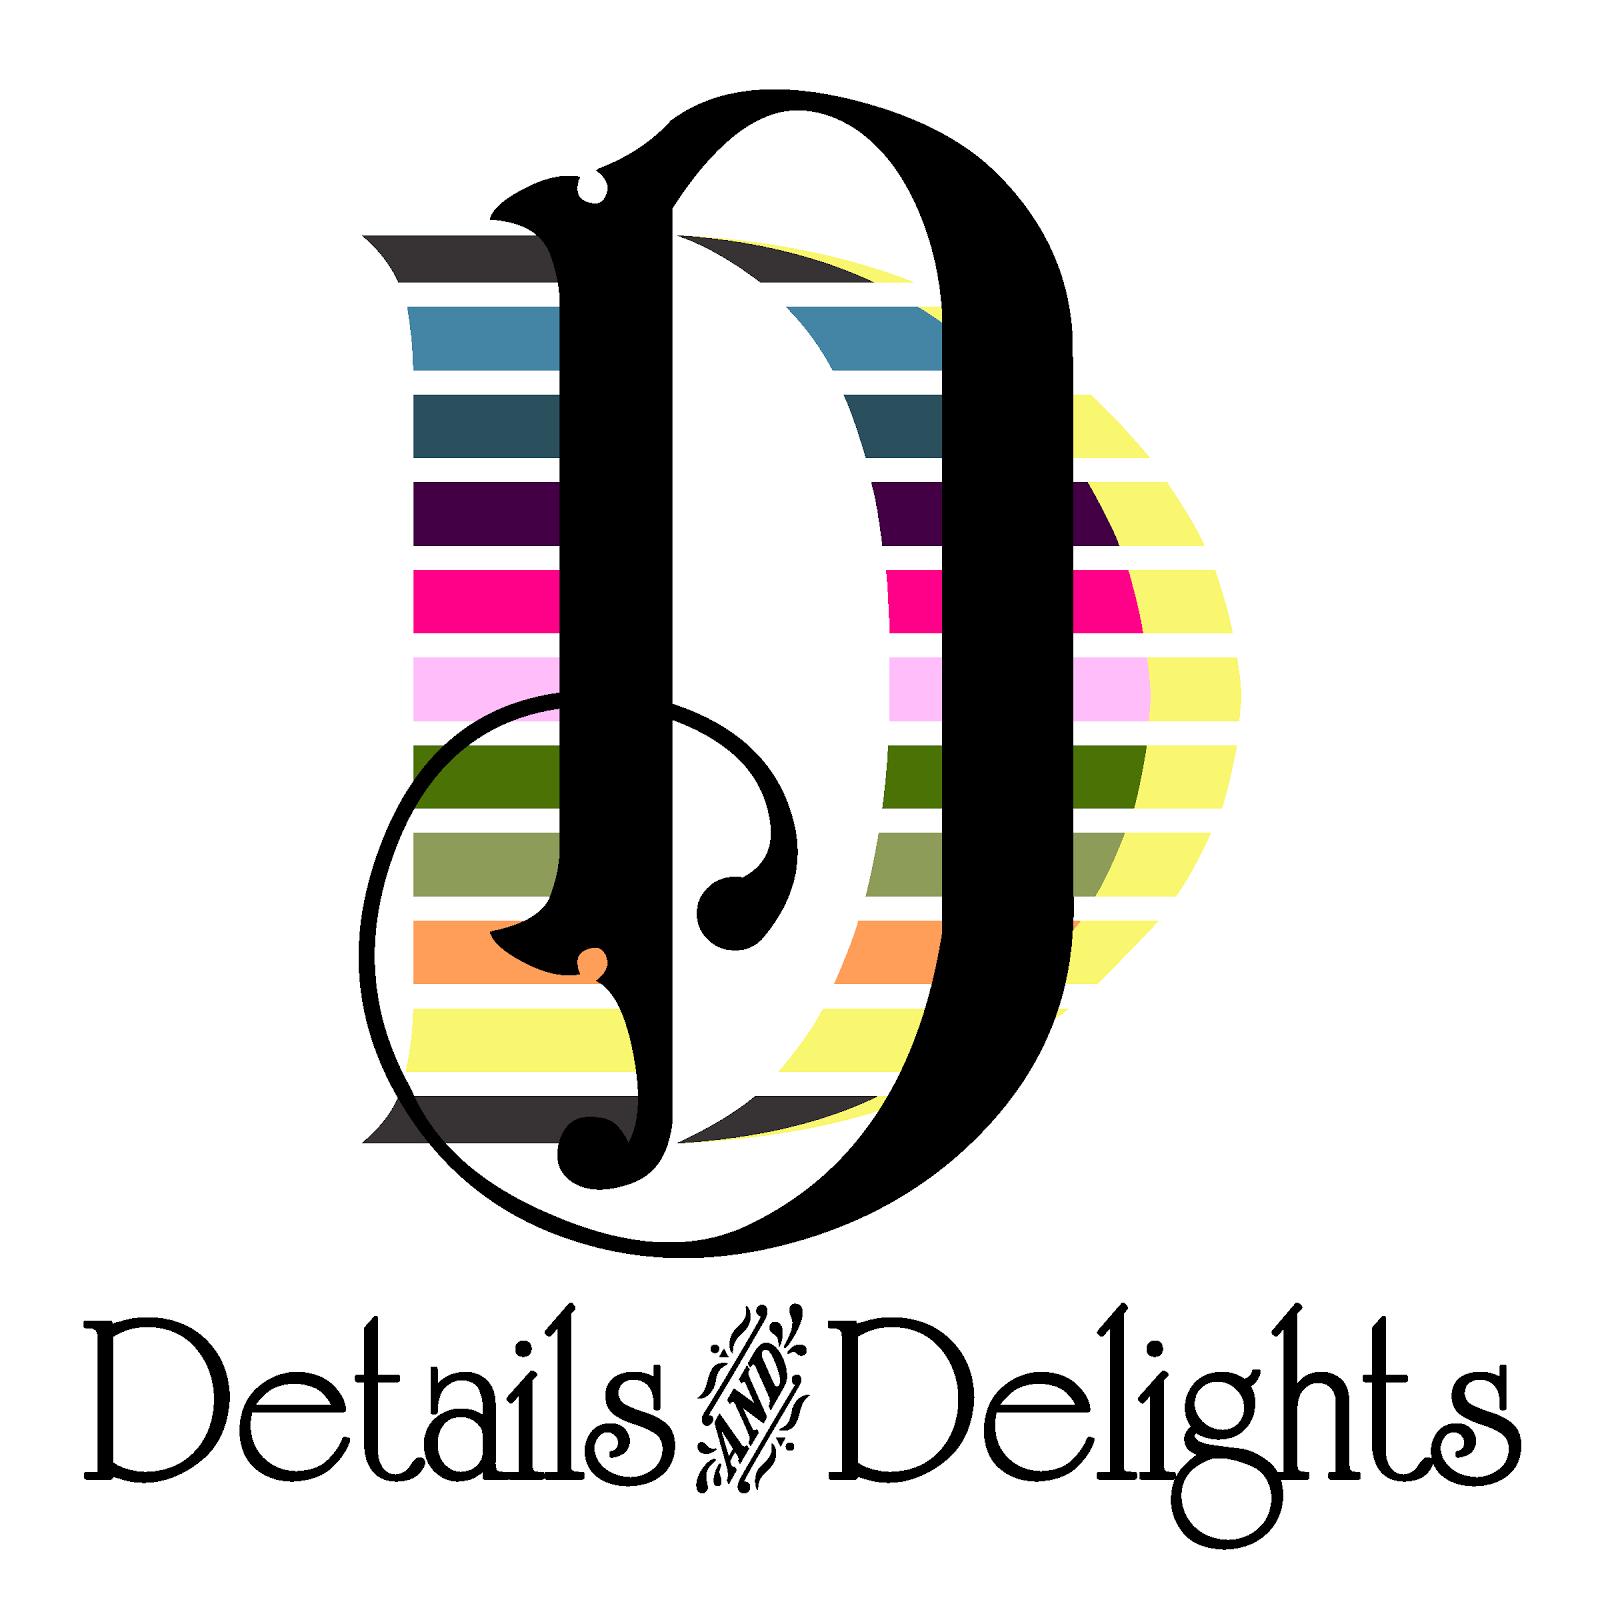 DetailsDelights.com